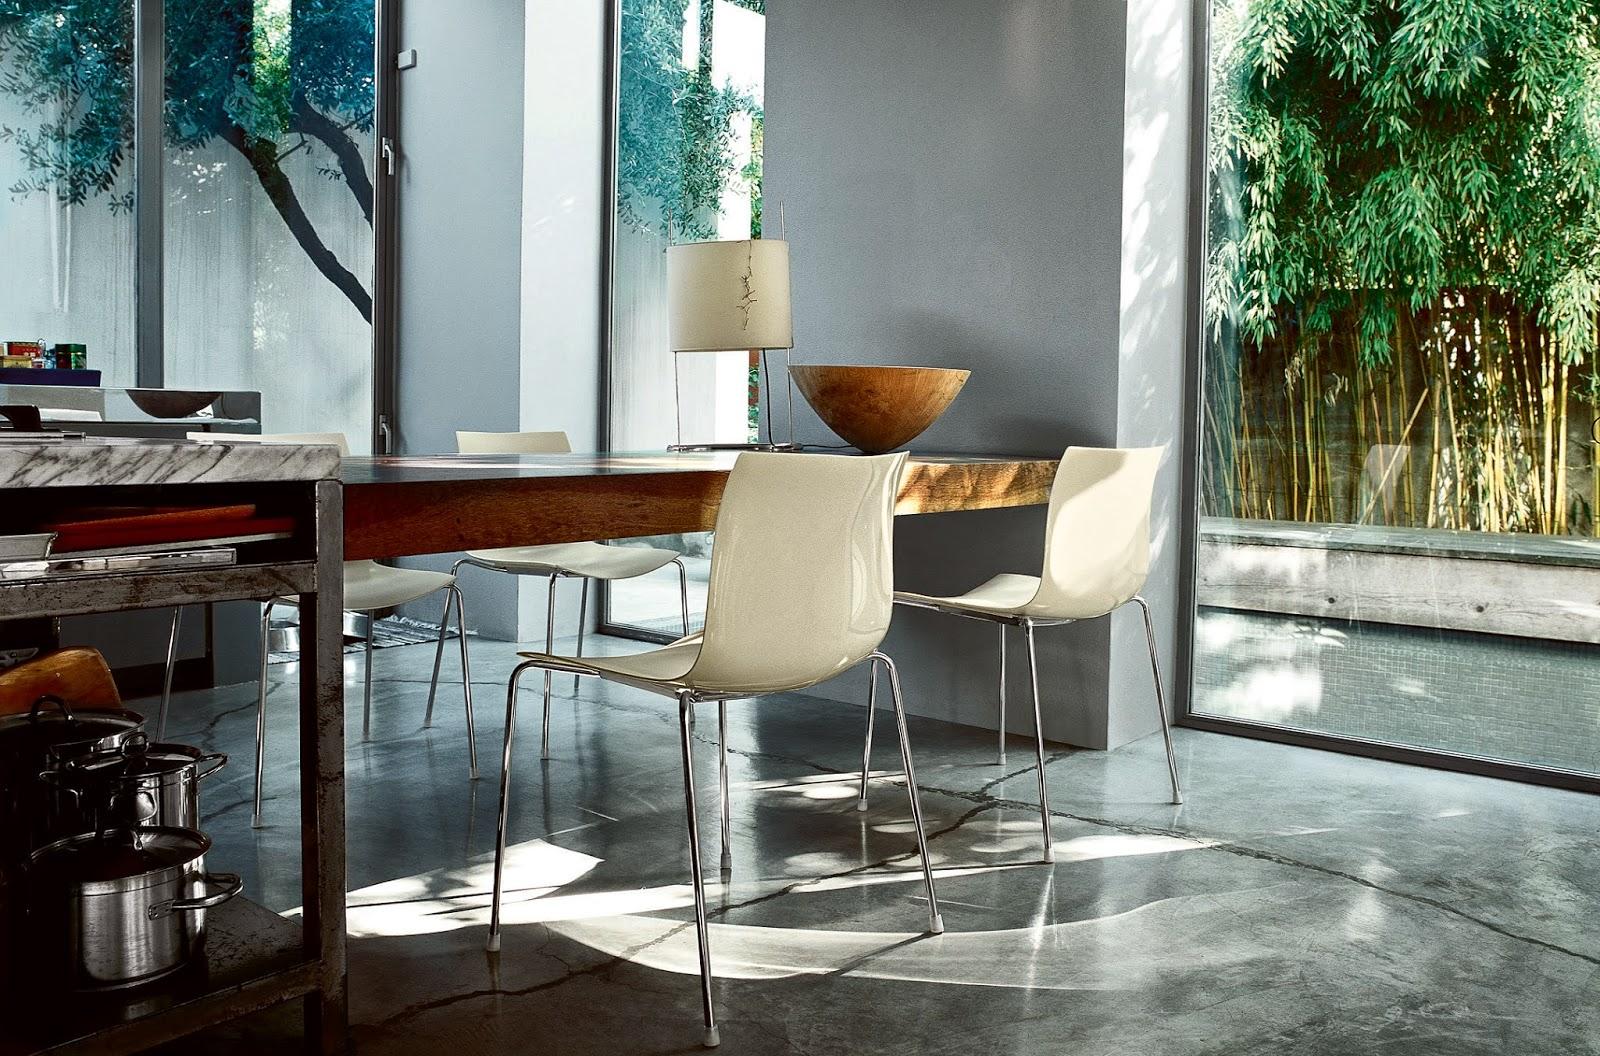 office designing catifa 46. Black Bedroom Furniture Sets. Home Design Ideas